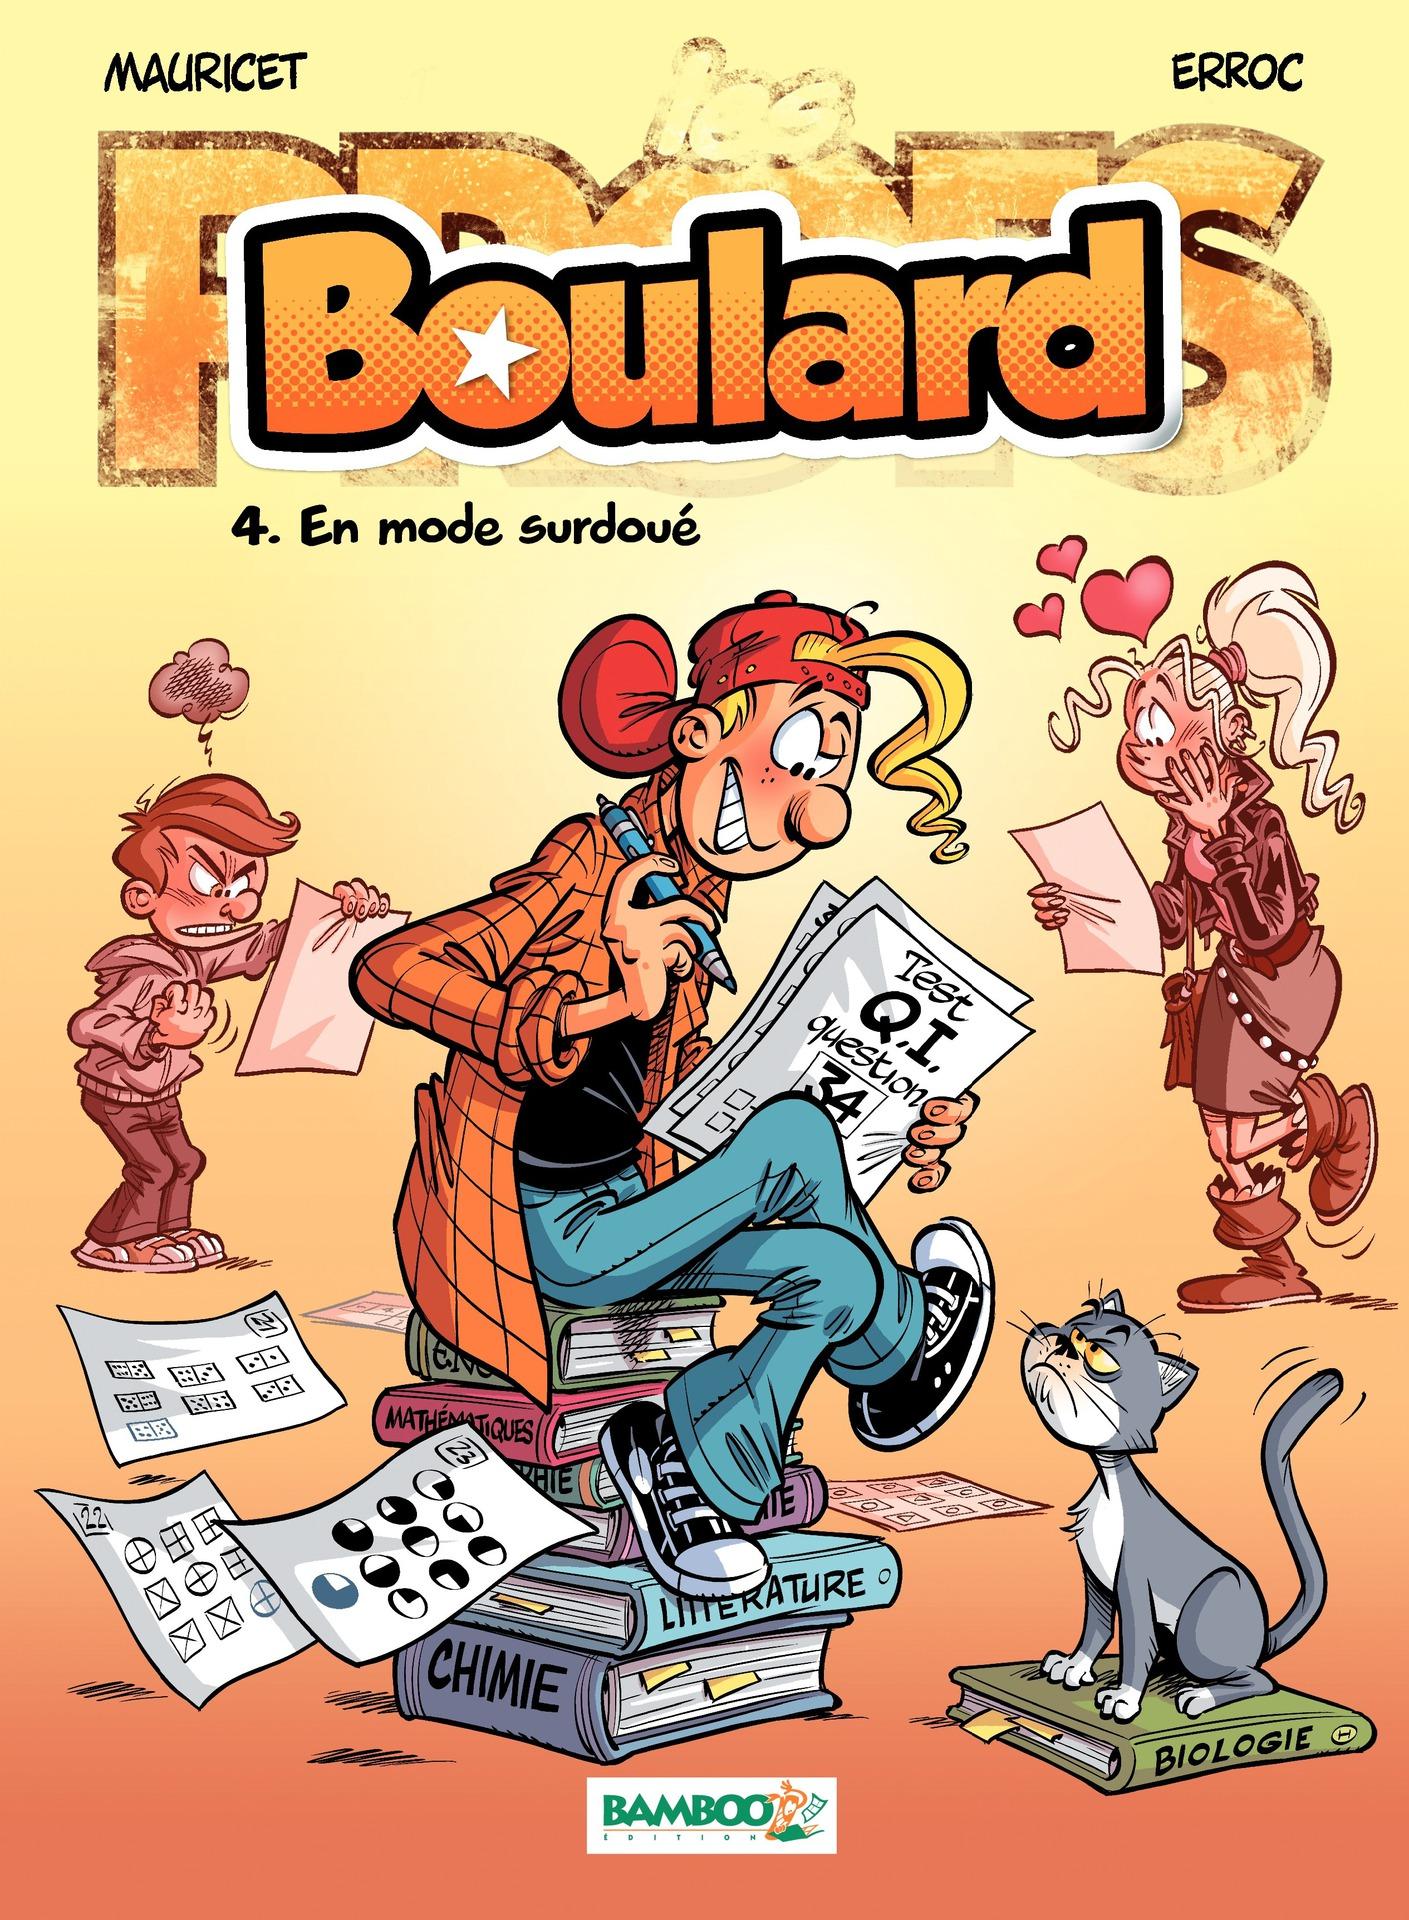 LES PROFS PRESENTENT : BOULARD - TOME 4 - EN MODE SURDOUE